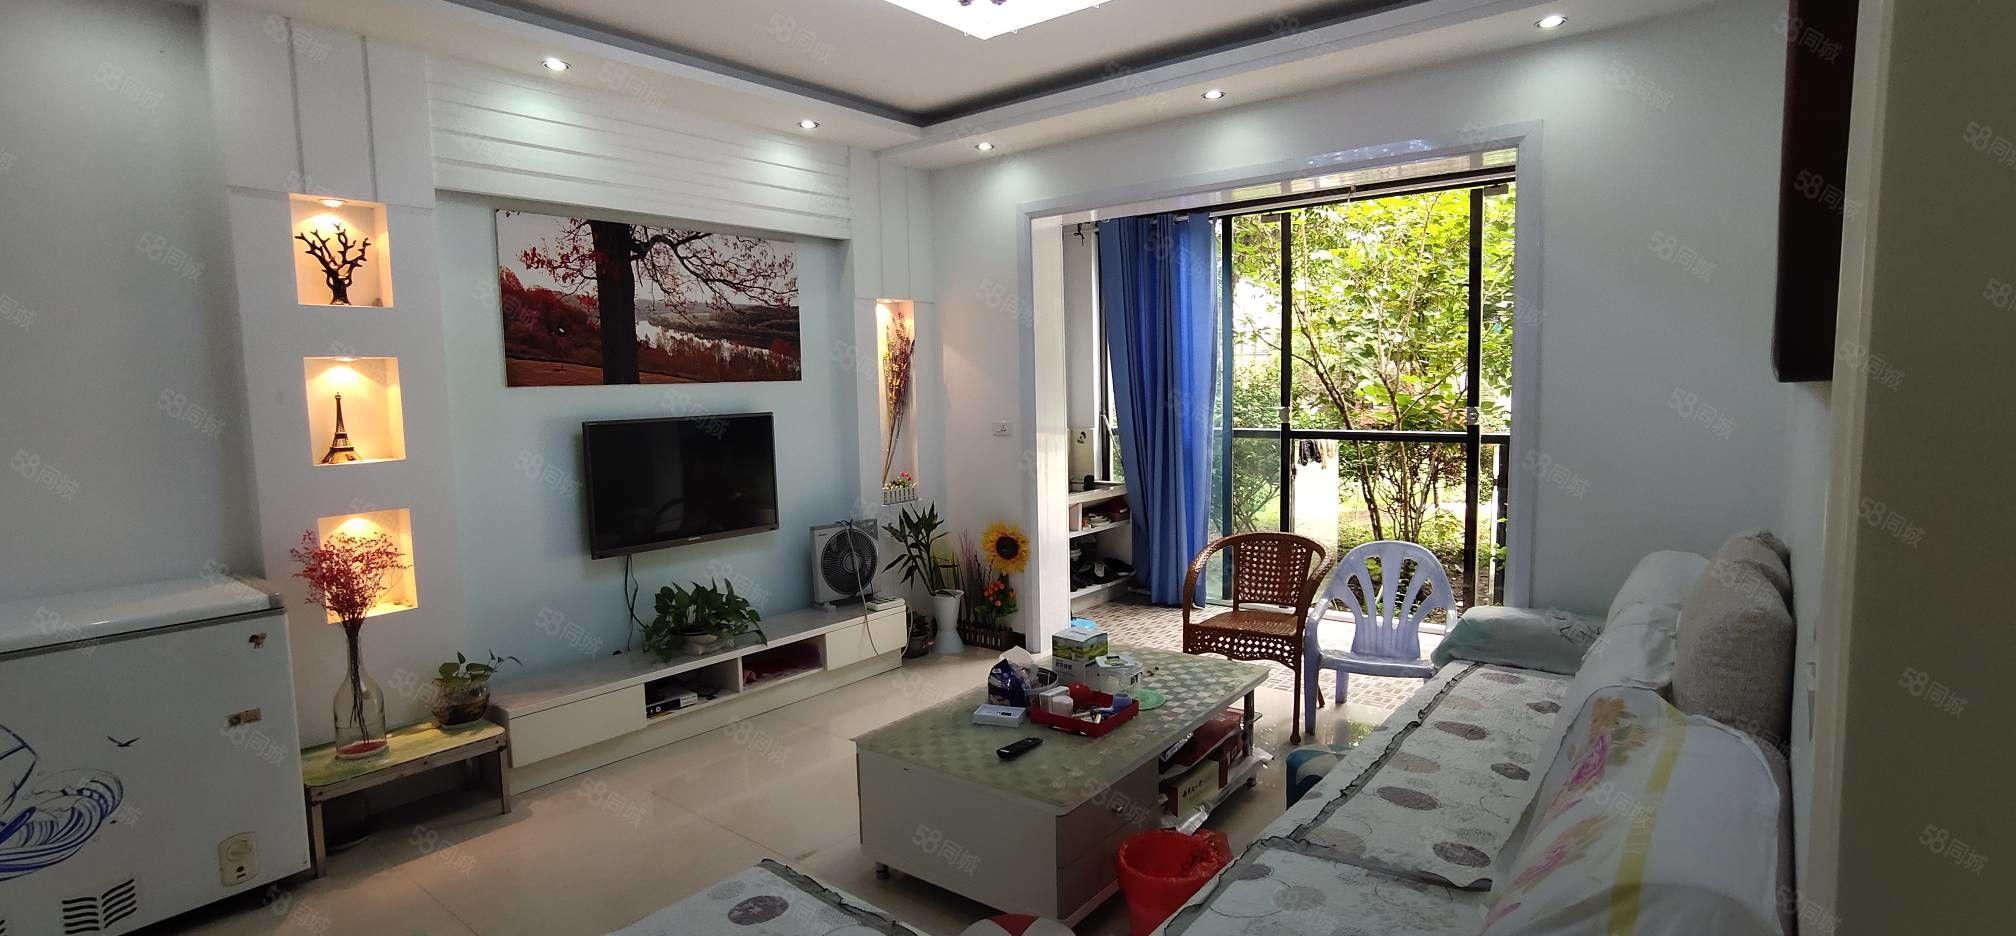 四臣一品丶好房子面积110平米精装户型三室两厅一卫